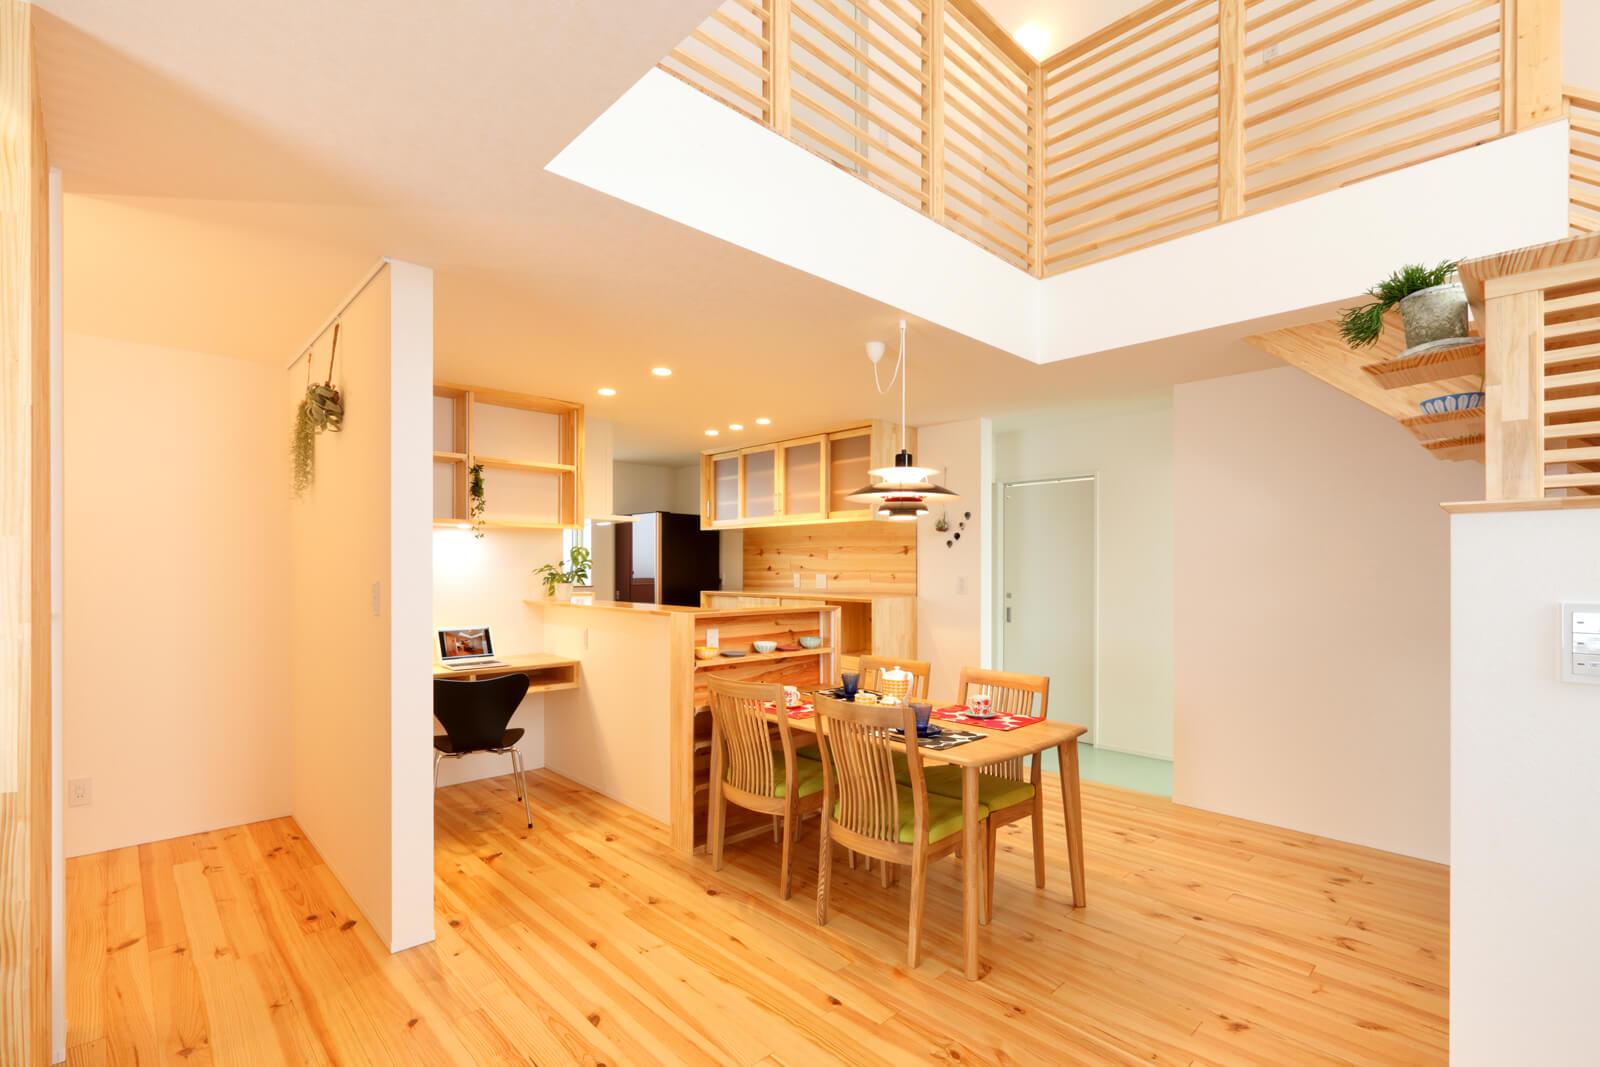 白を基調にしたナチュラルでシンプルな室内。壁の棚やキッチン収納などは現場レベルで調整した。不要と思っていた吹き抜けは、むしろお気に入りの空間に。「明るさも開放感も大好きです。キッチンから2階まで声が届くのもいいですね」とHさん